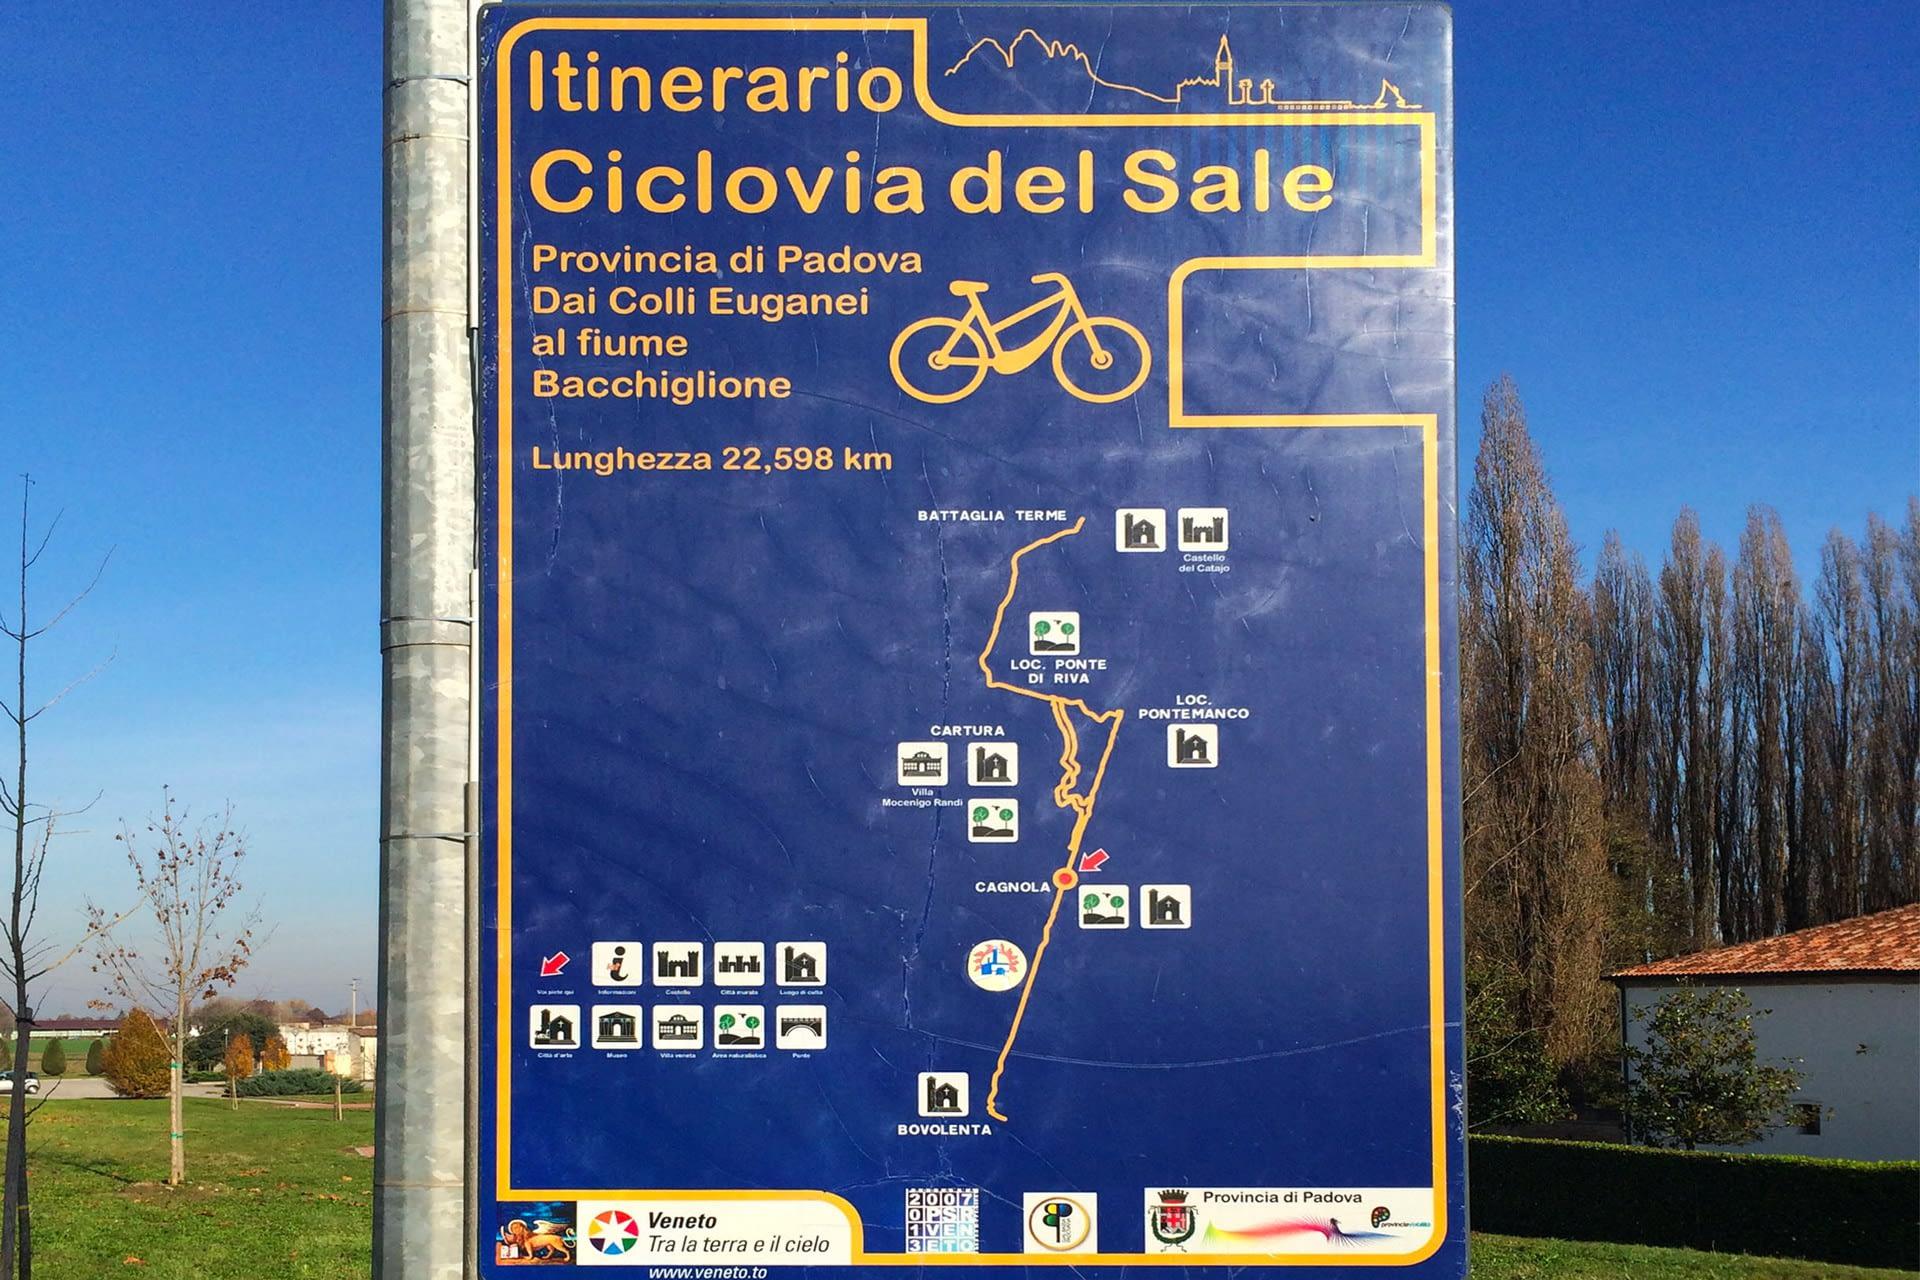 Cartura_Itinerario della Ciclovia del Sale